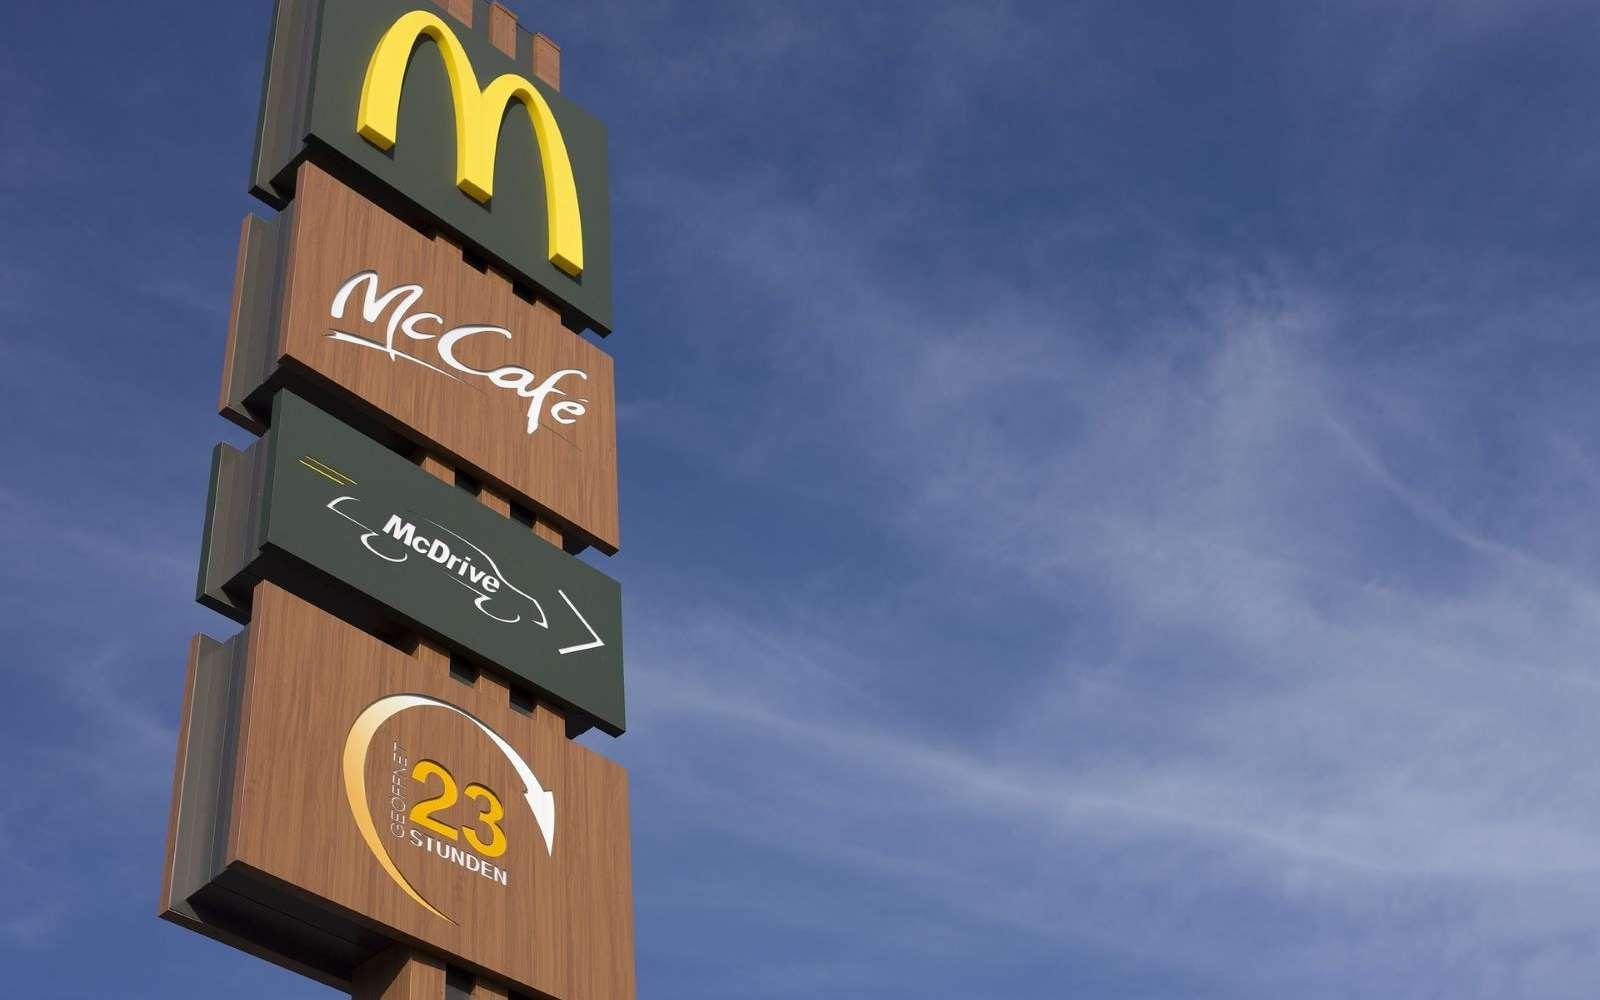 McDonald's, c'est plus de deux millions d'emplois dans le monde. © andreas160578